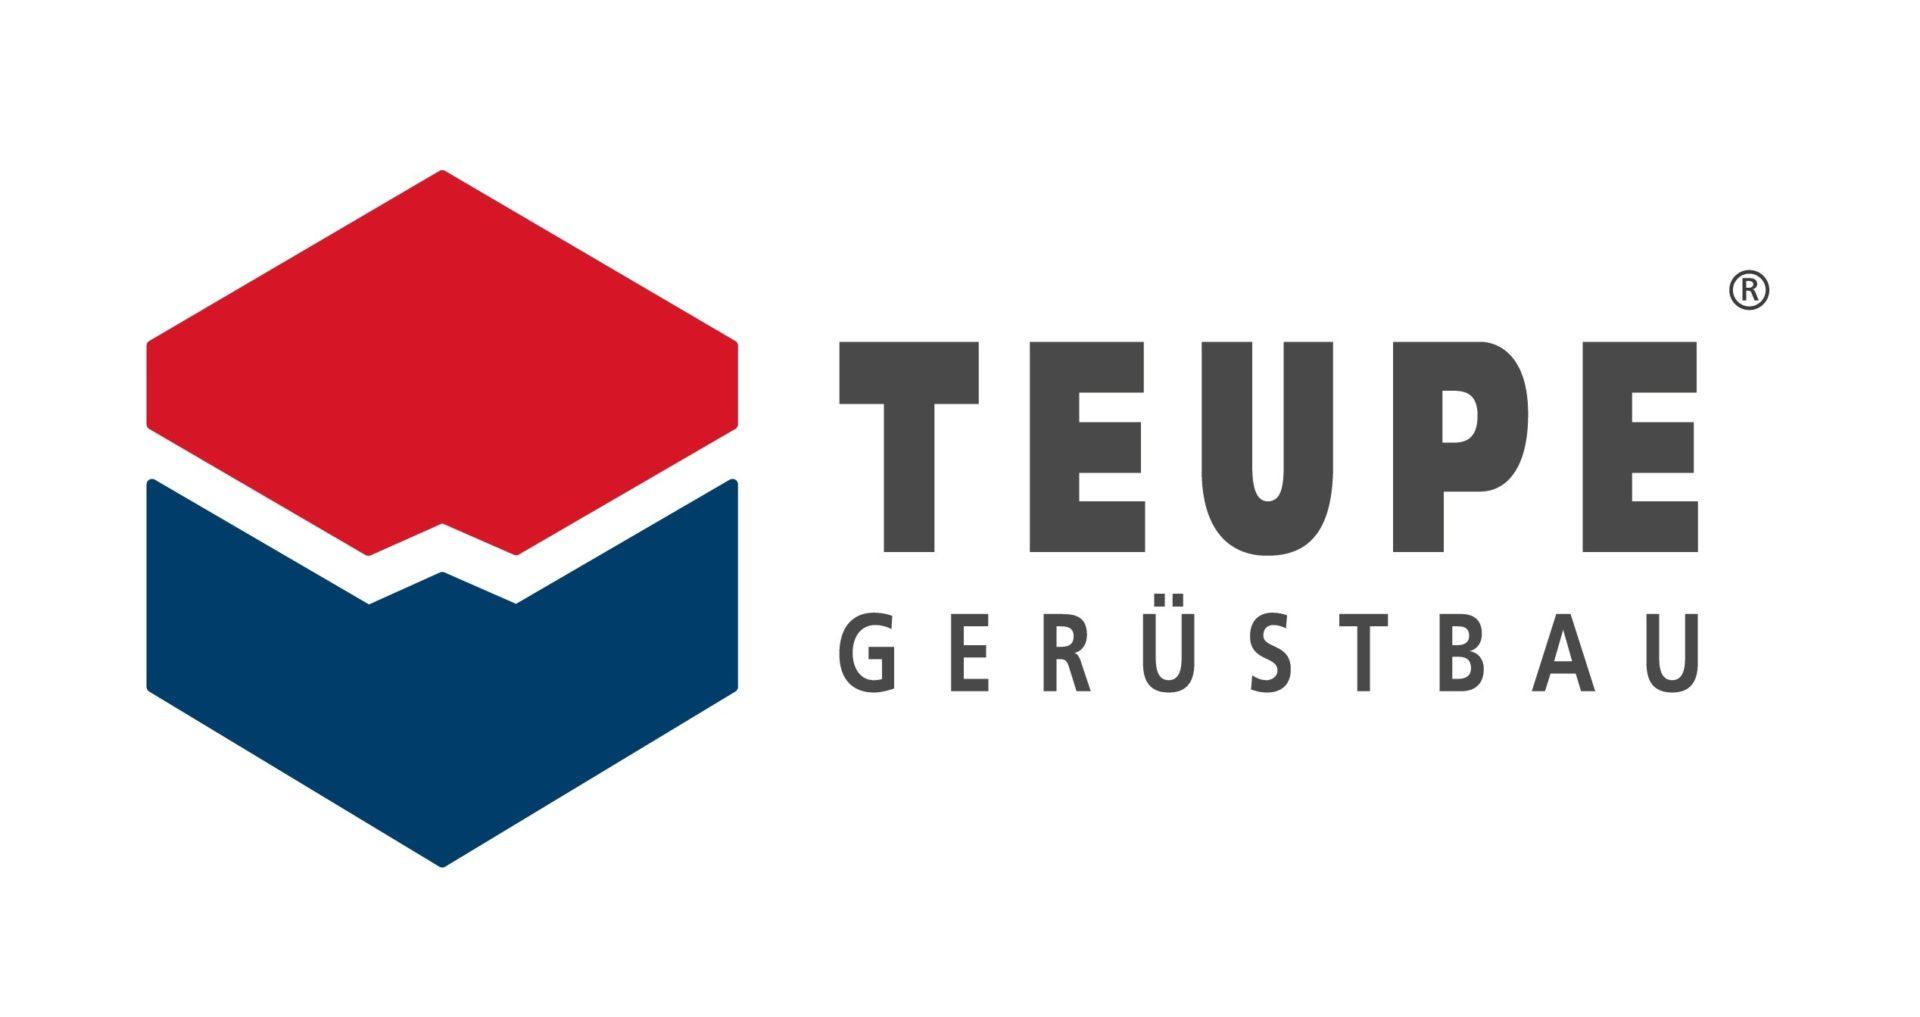 TEUPE-Geruestbau-Logo-quer